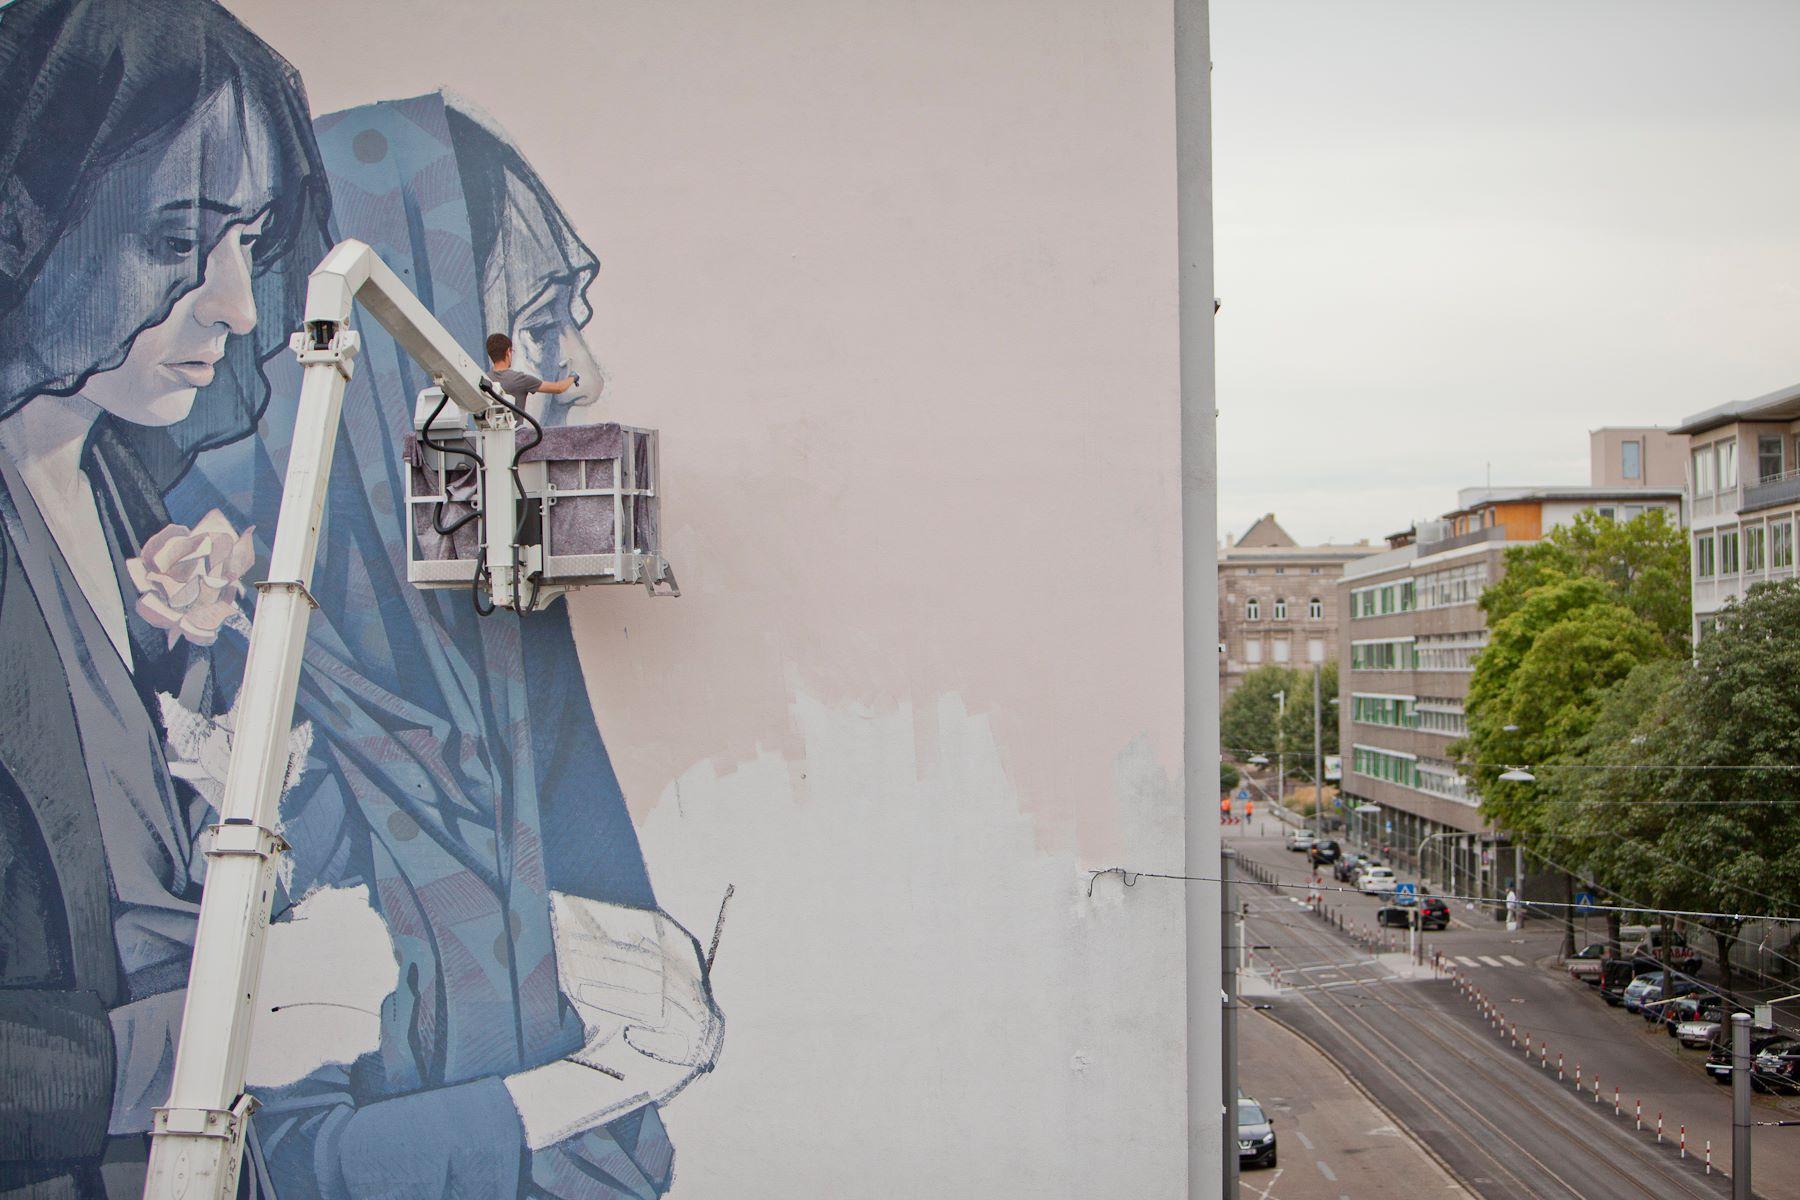 streetartnews_bezt_manheim-1